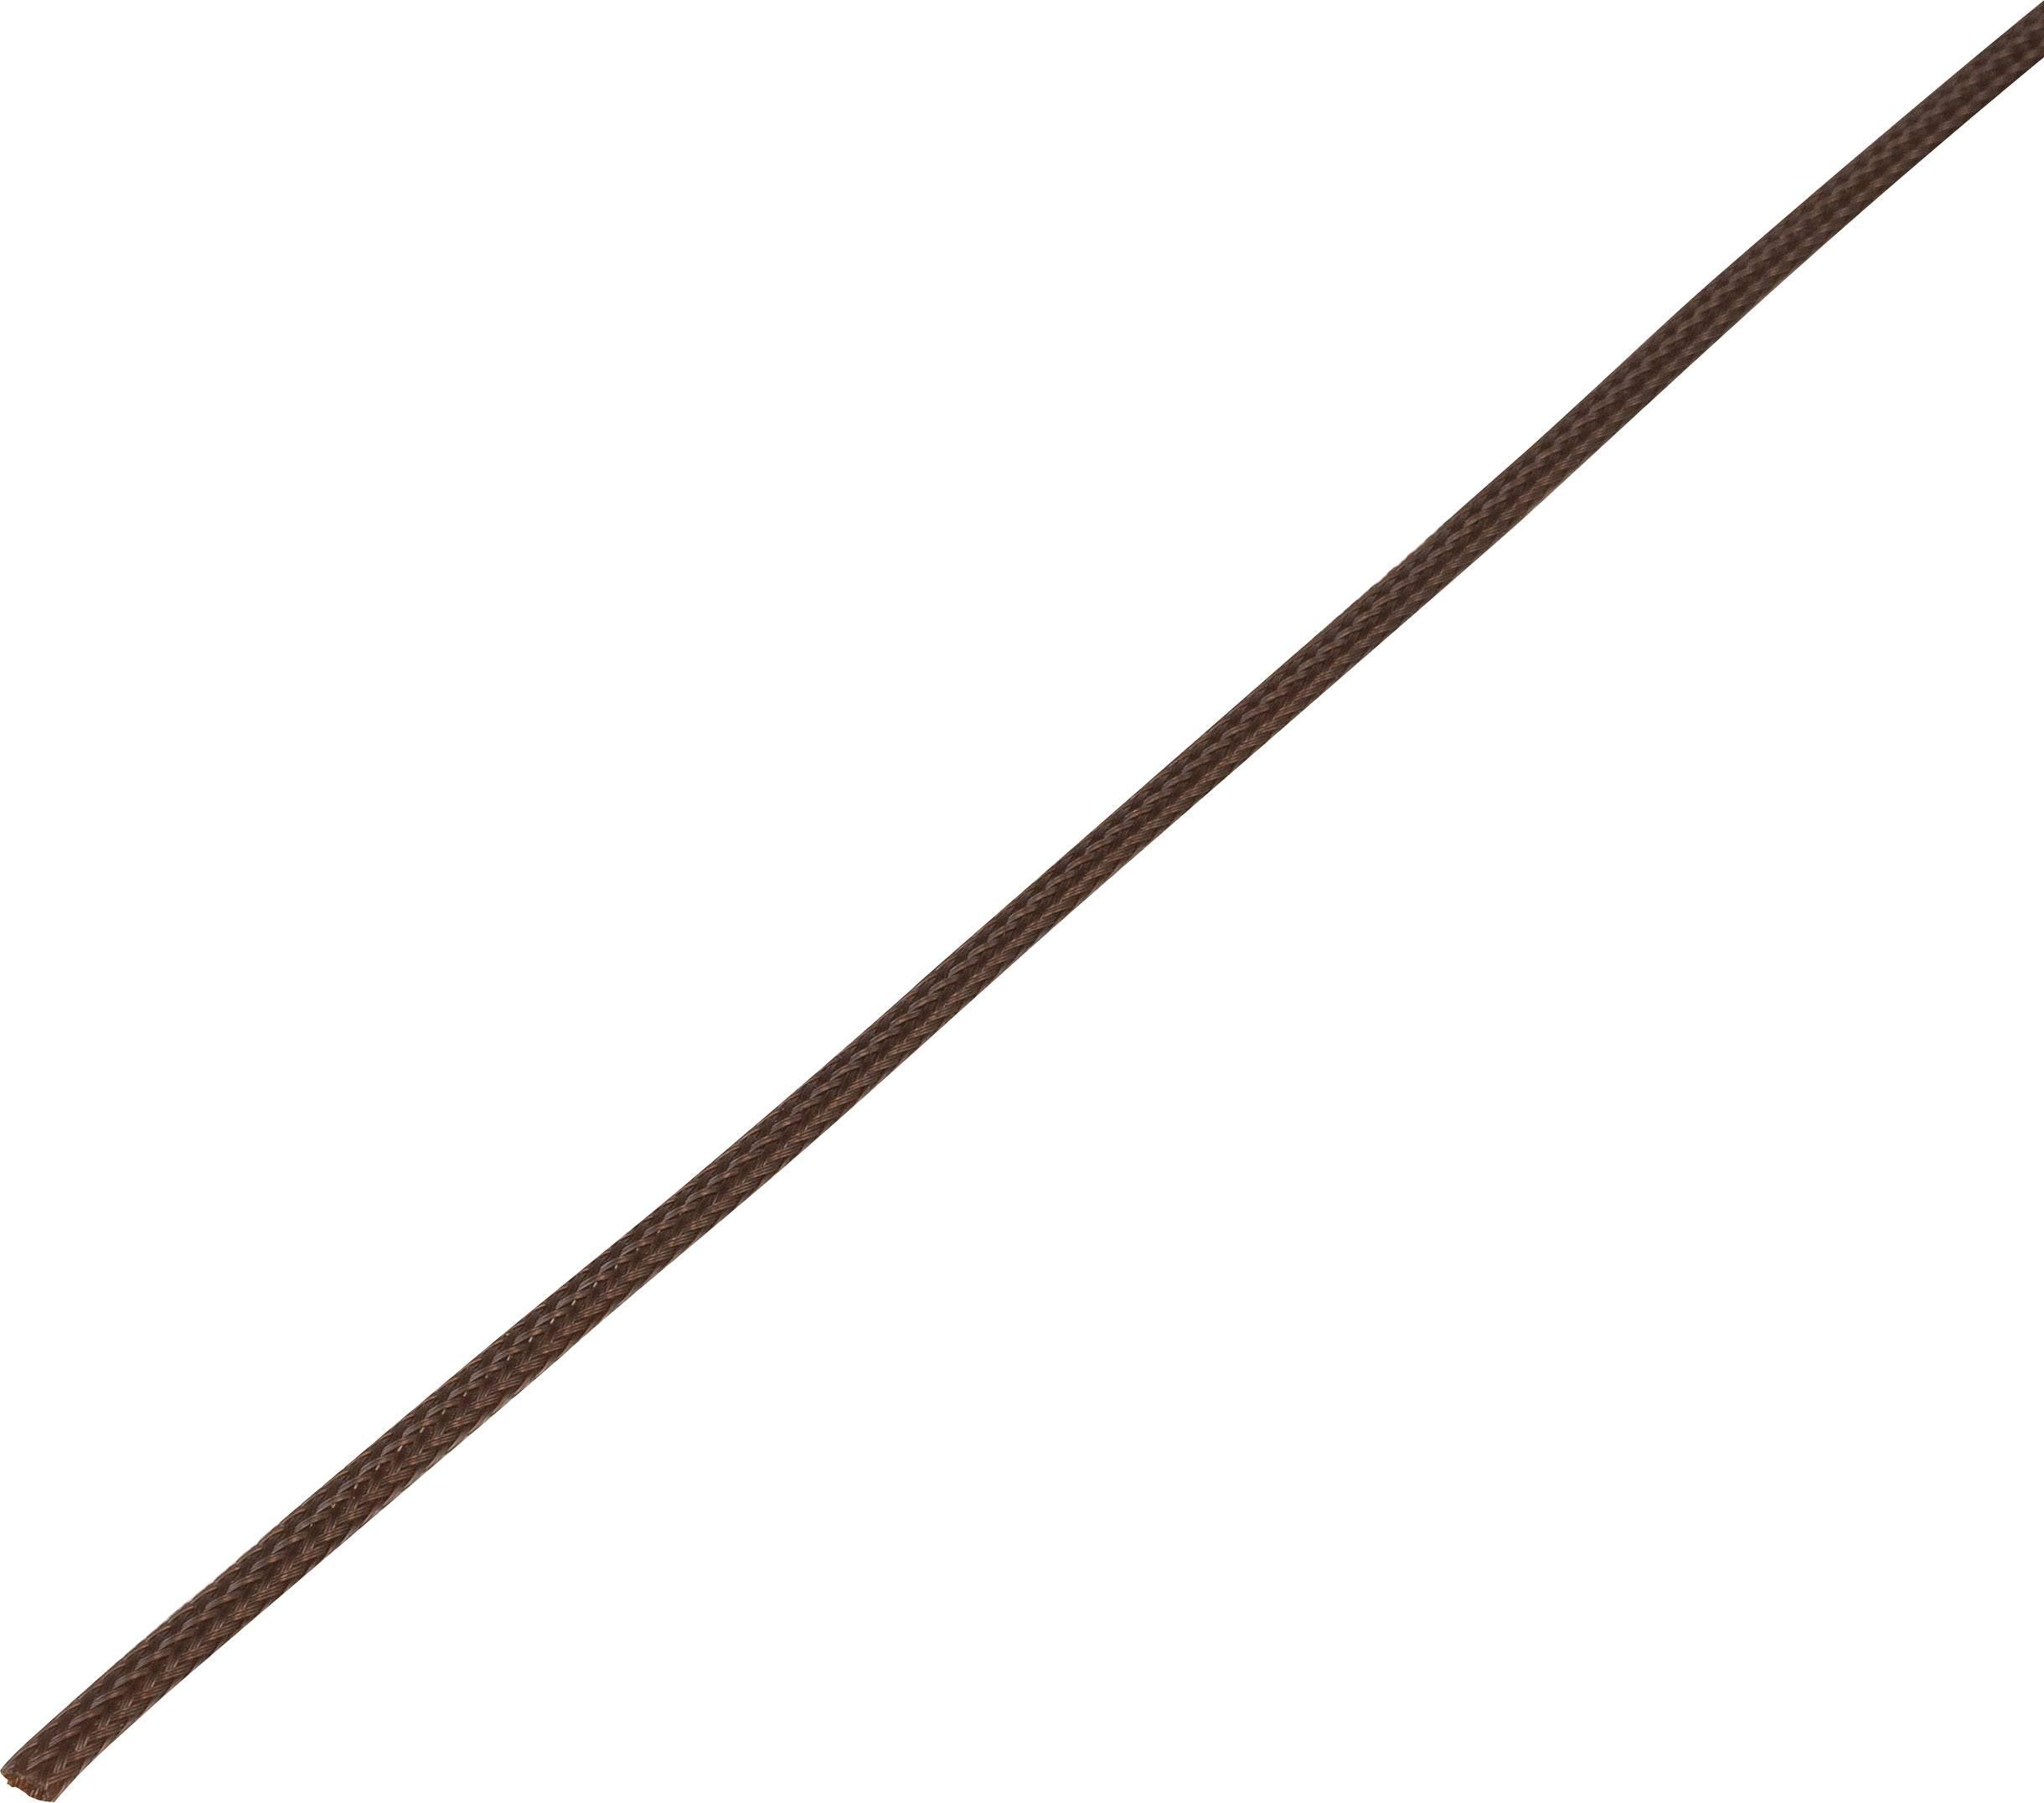 Ochranné opletenie CBBOX0307-BN Ø zväzku: 3 - 7 mm hnedá 10 m